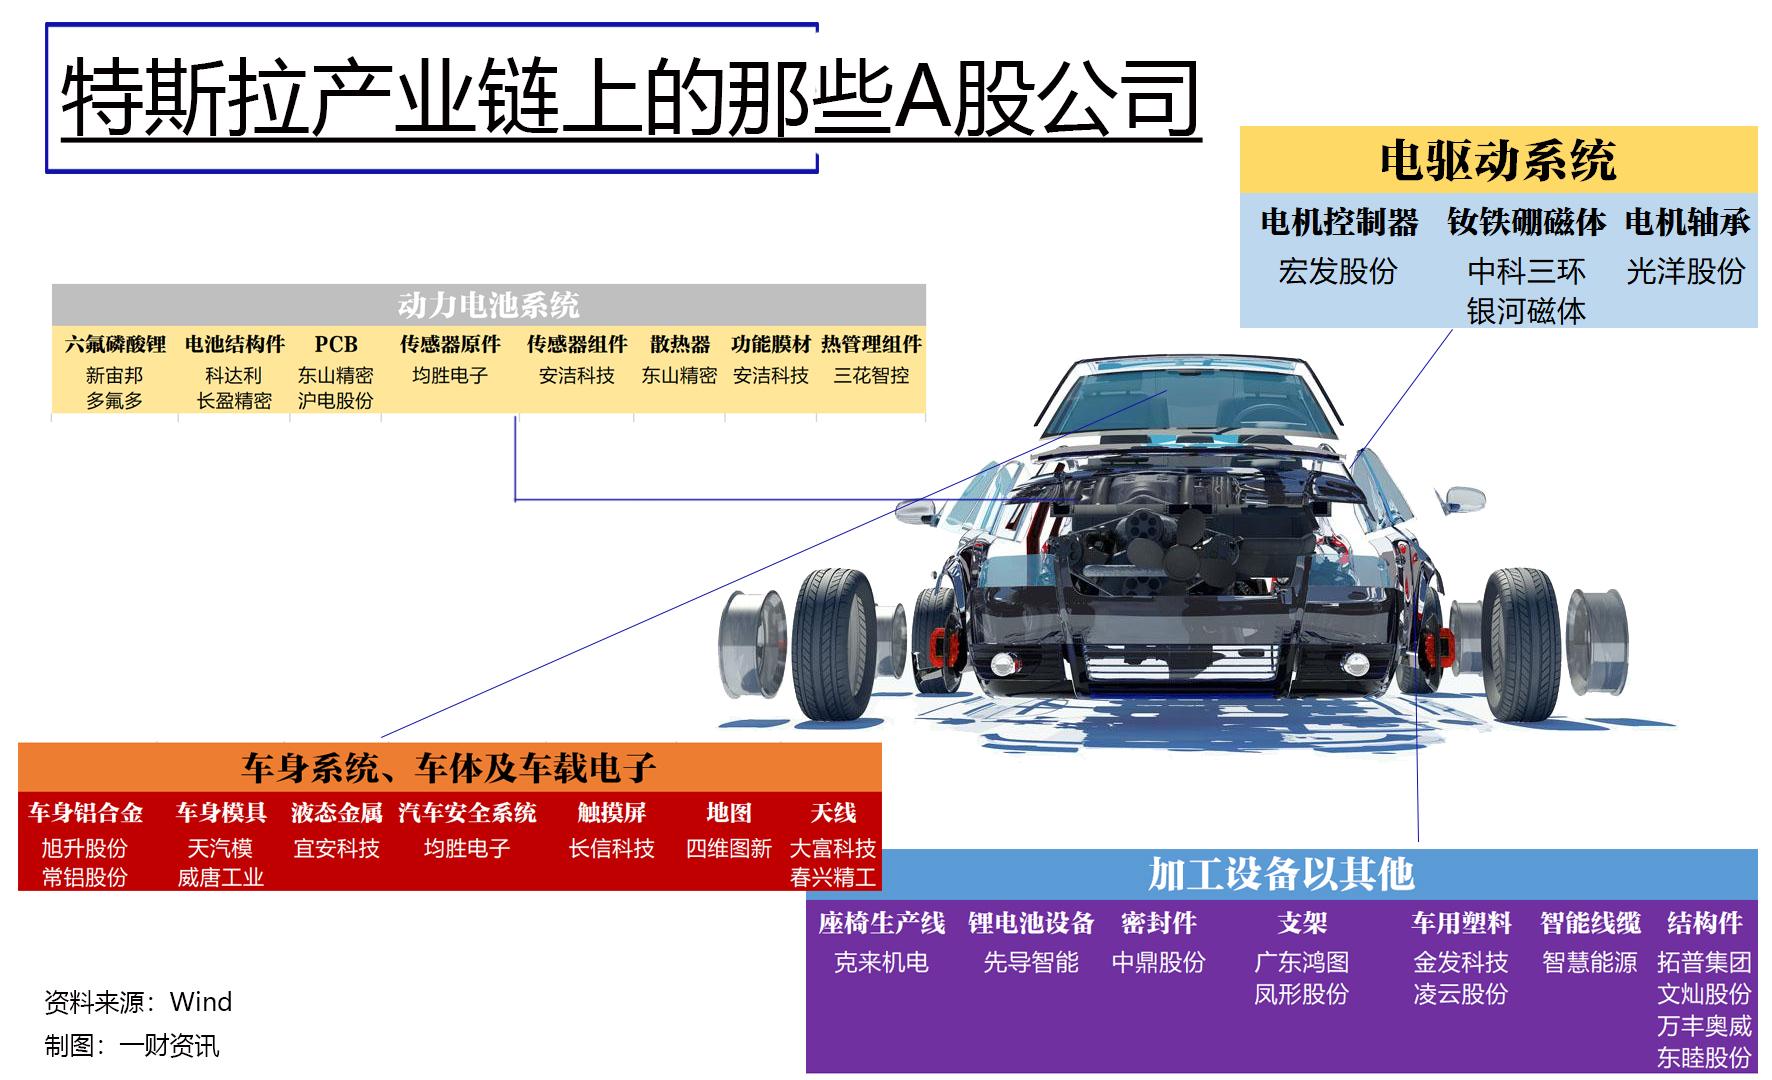 特斯拉将在中国设立设计研发中心,相关产业链或闻风而动